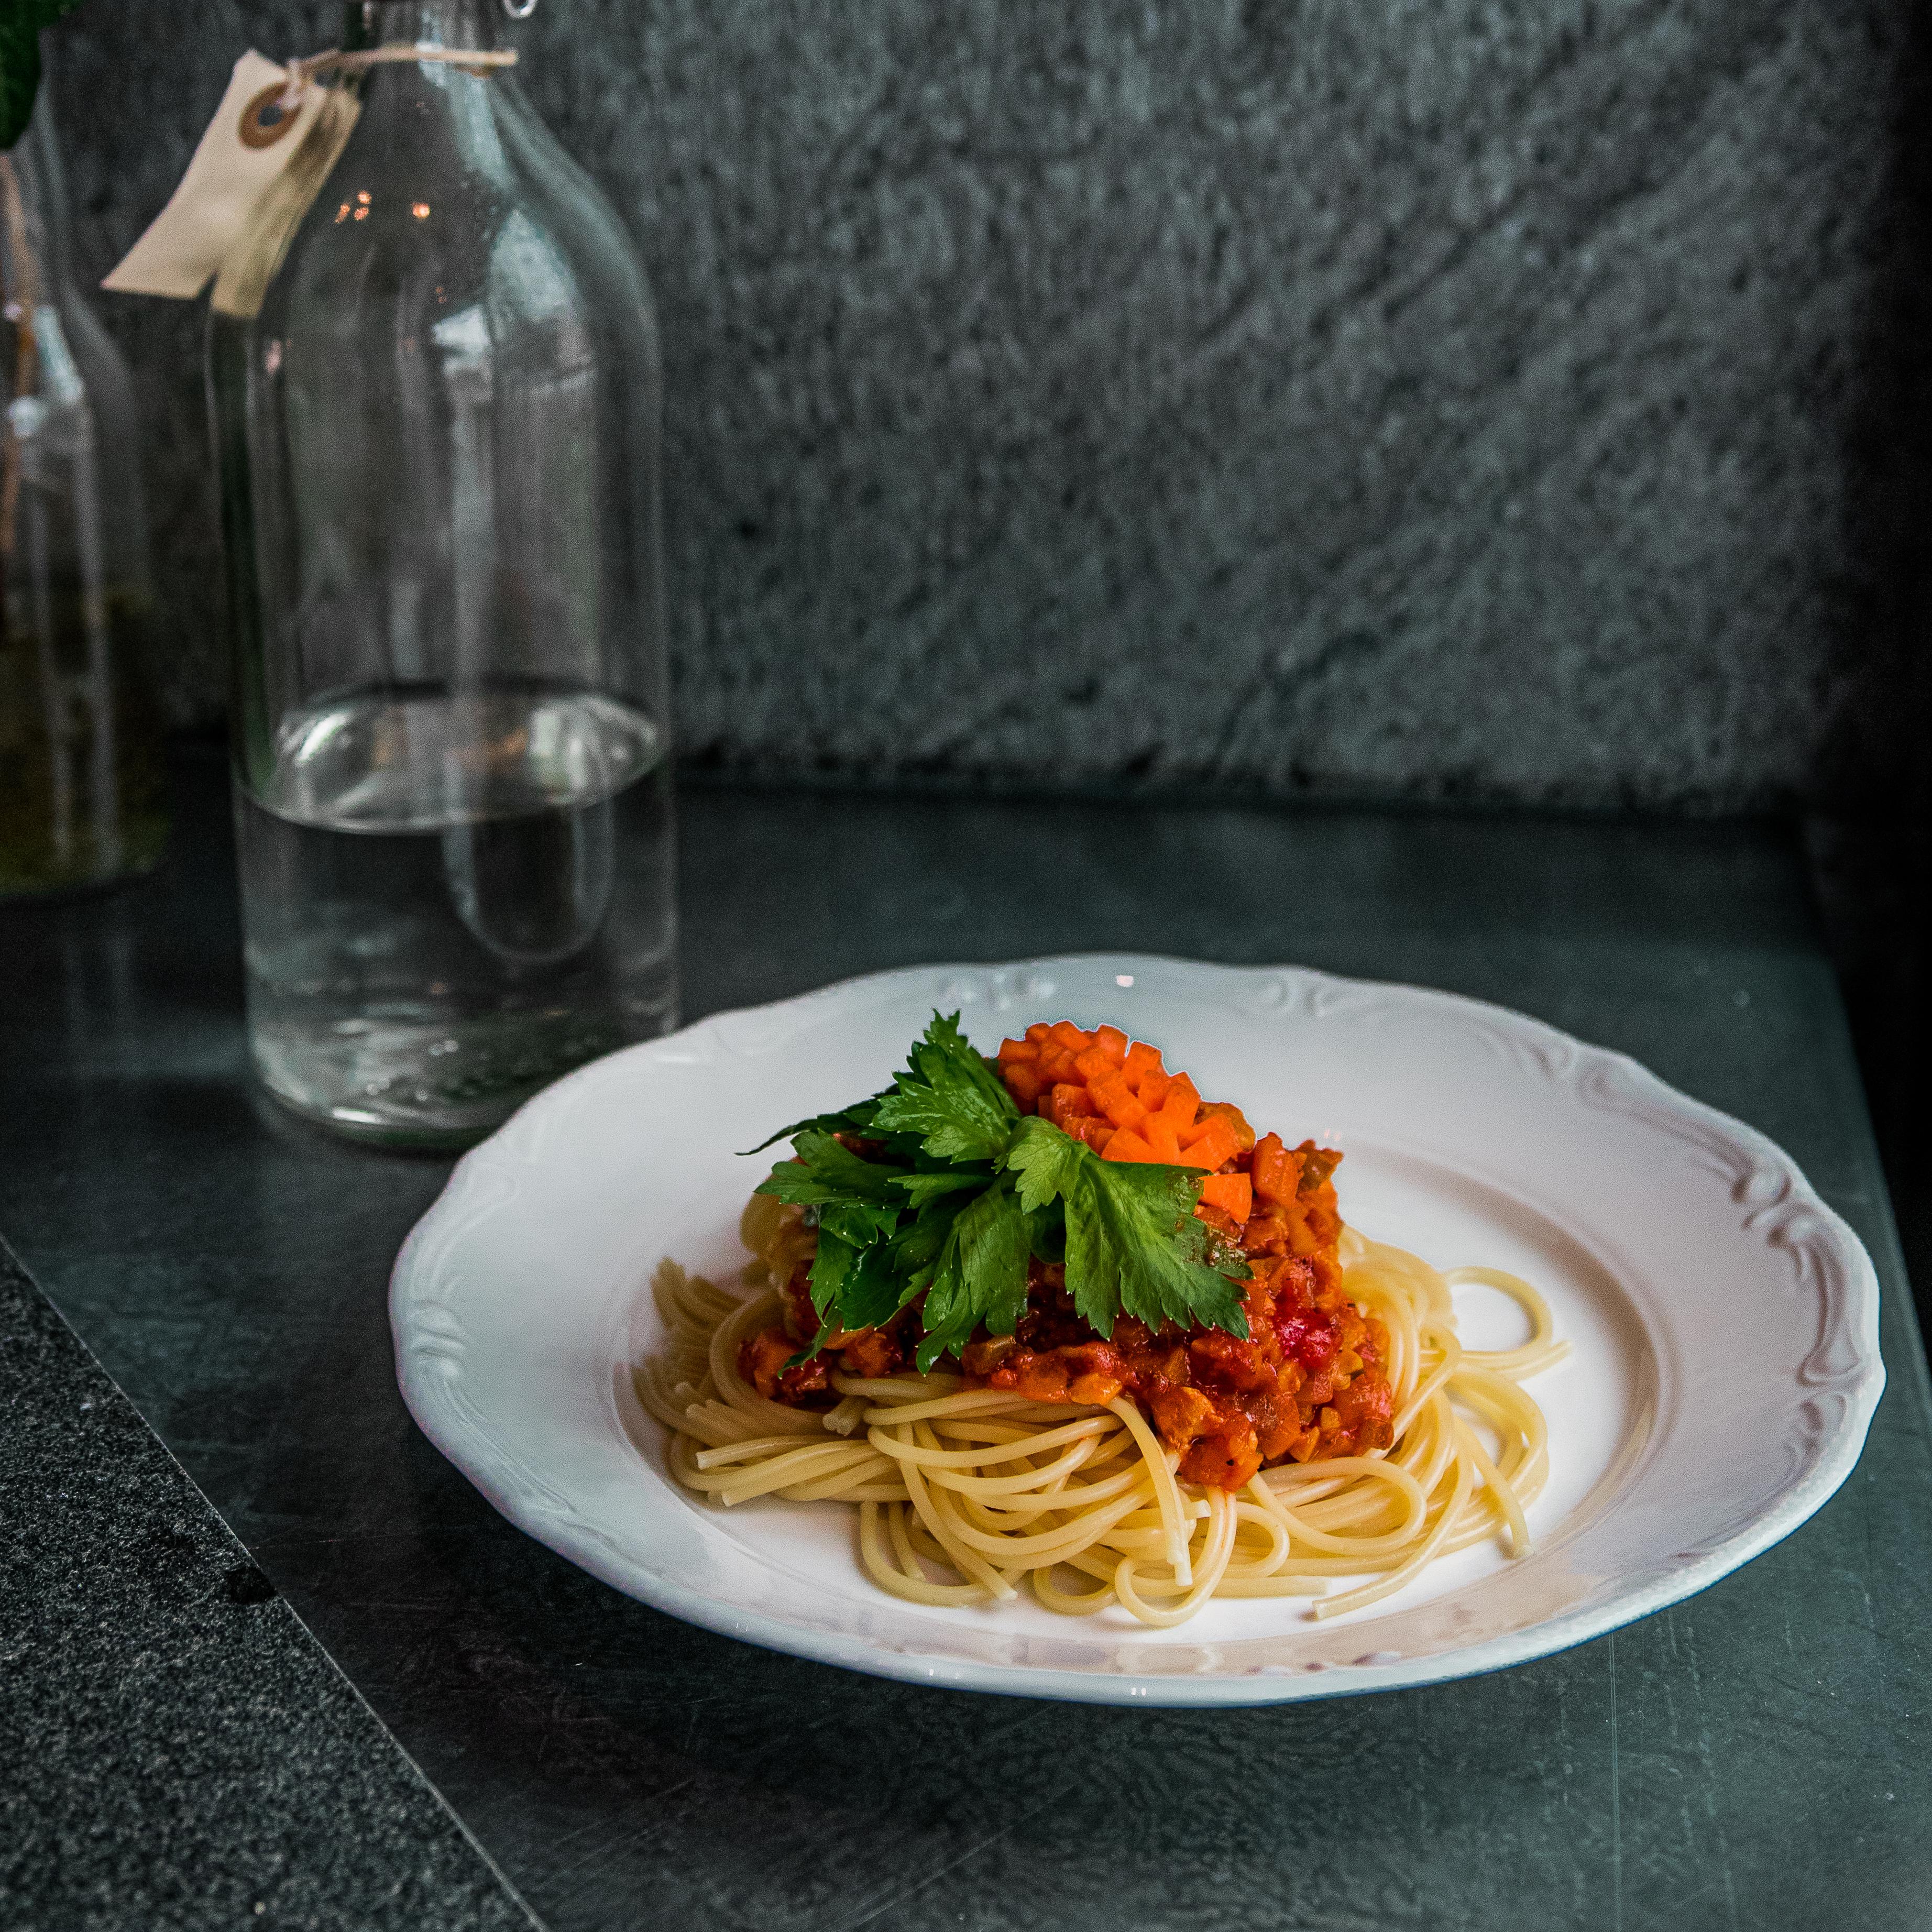 Spaghetti och köttfärssås-lupinta